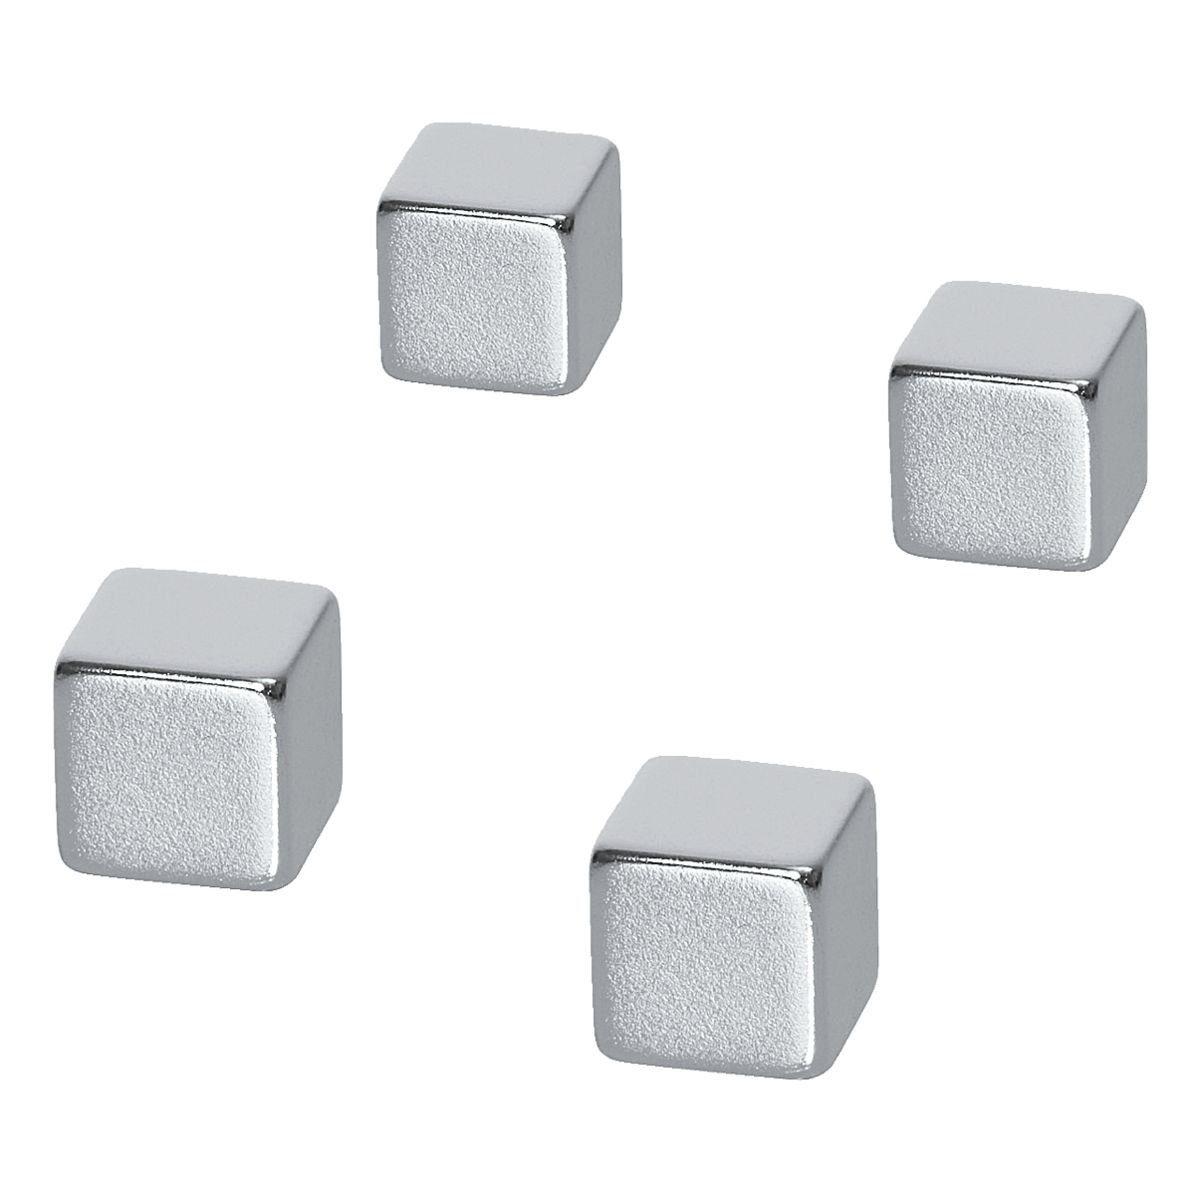 BEBOARD 4er-Set Magnetwürfel »Neodym Magnete Cube«